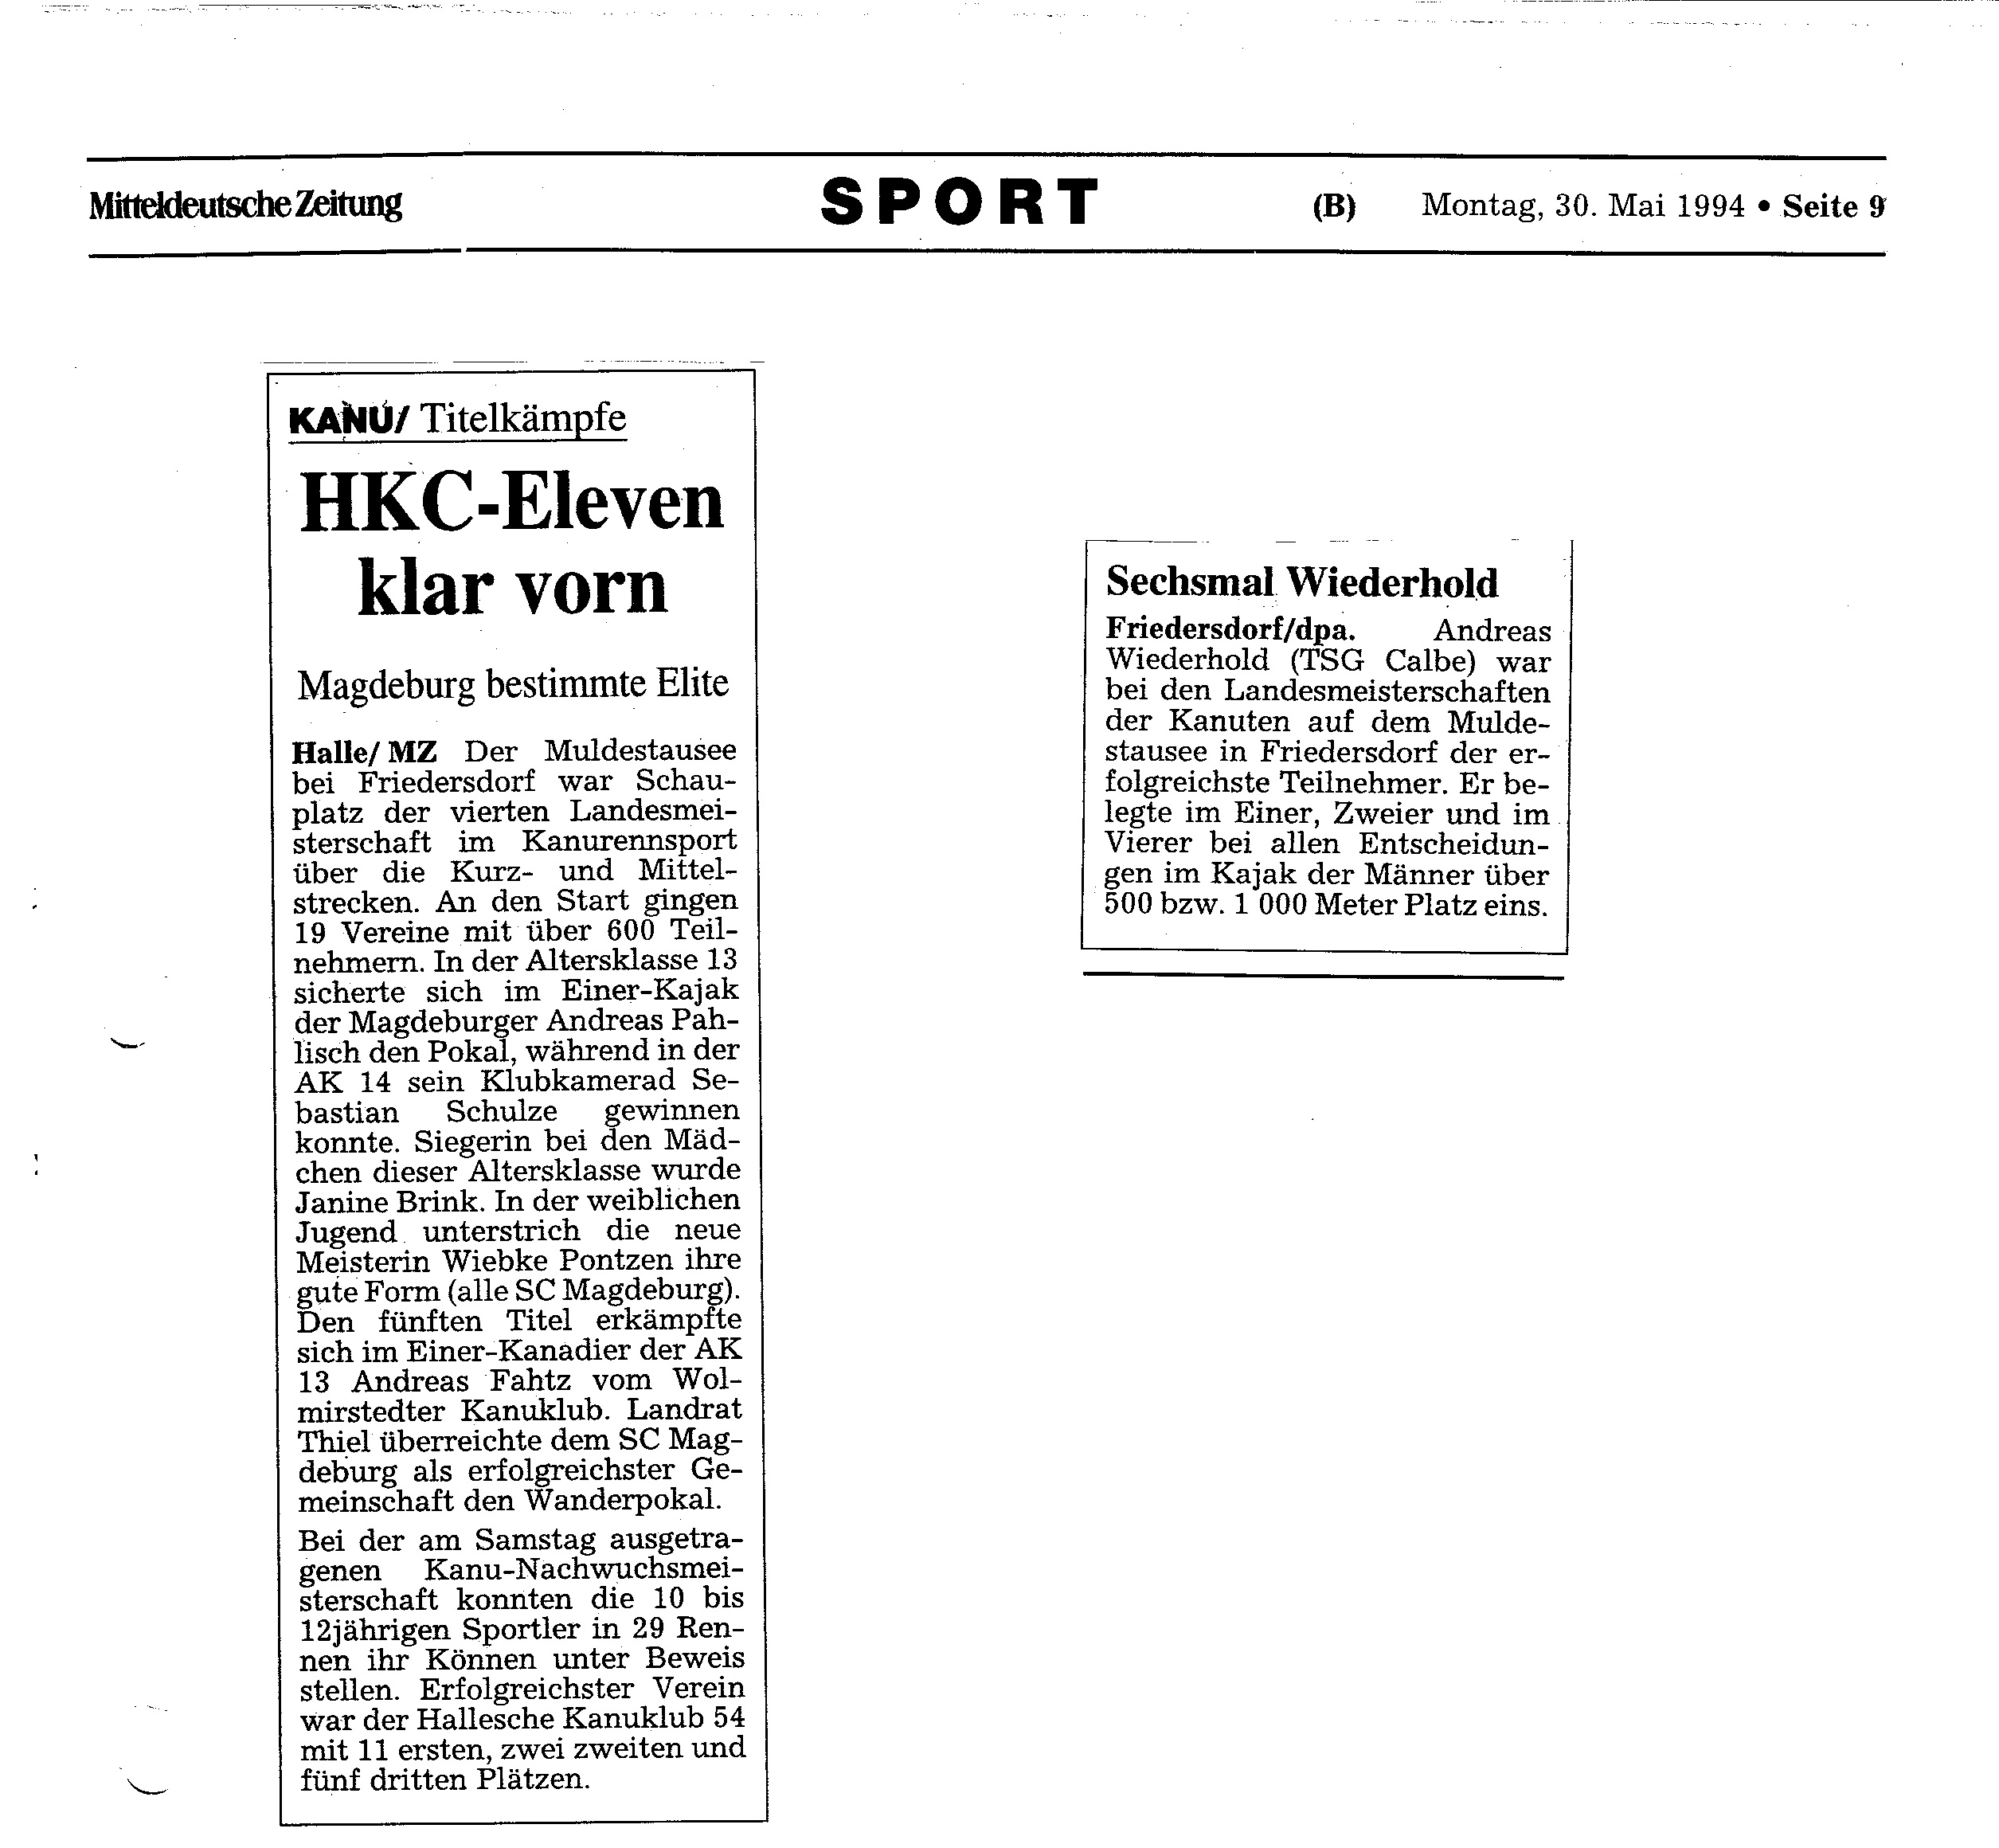 1994-05-30 MZ HKC Eleven klar vorn